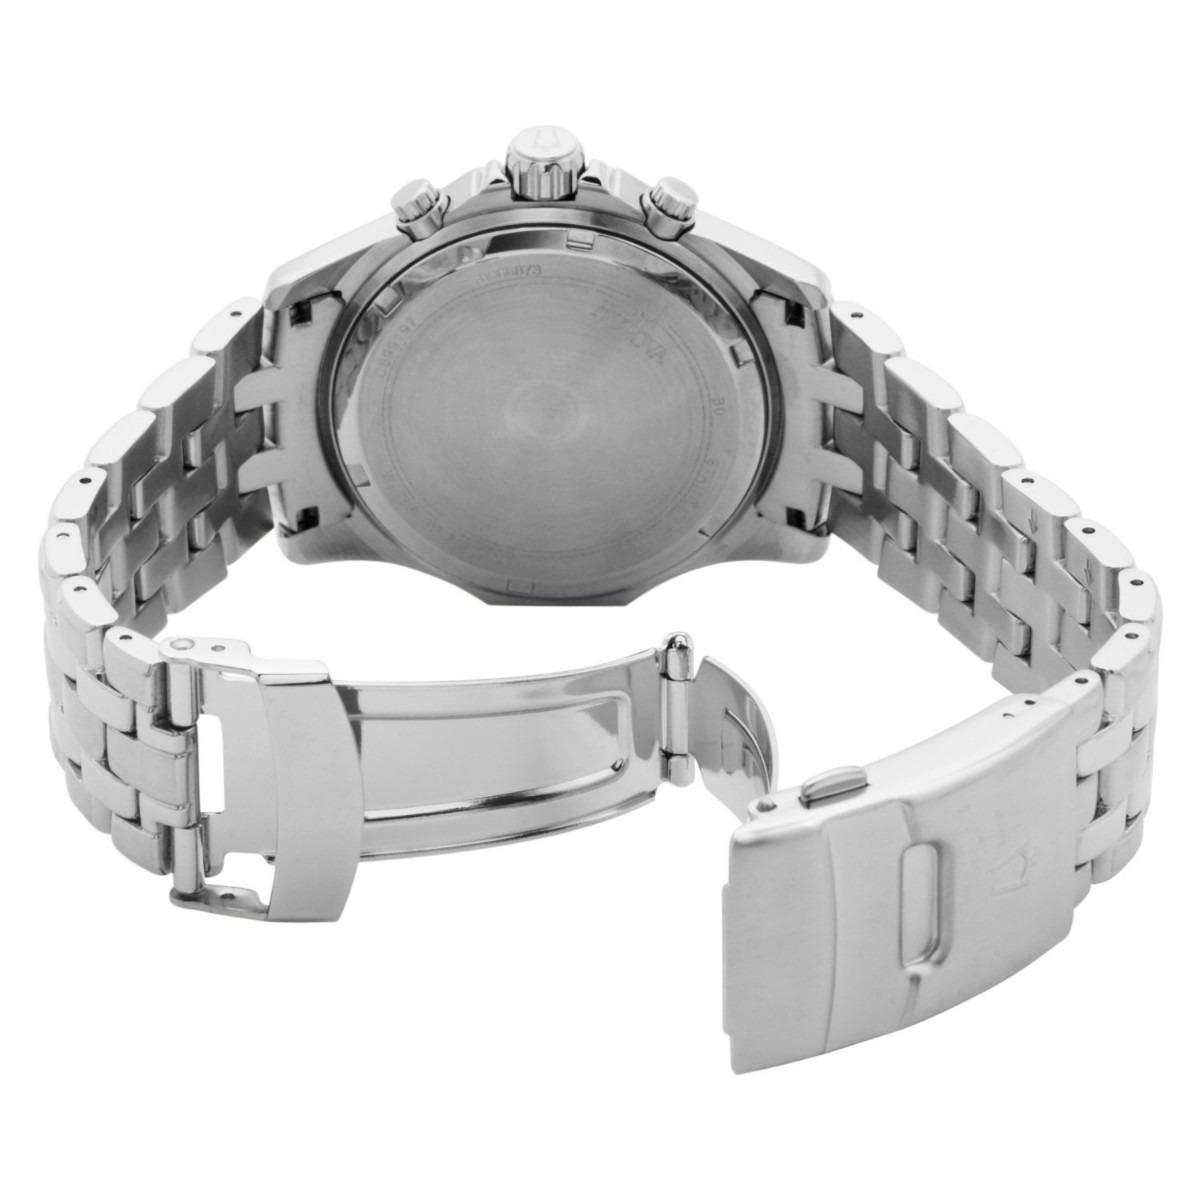 a054eedf34a relógio bulova marine star 96g55 original 3 anos de garantia. Carregando  zoom.